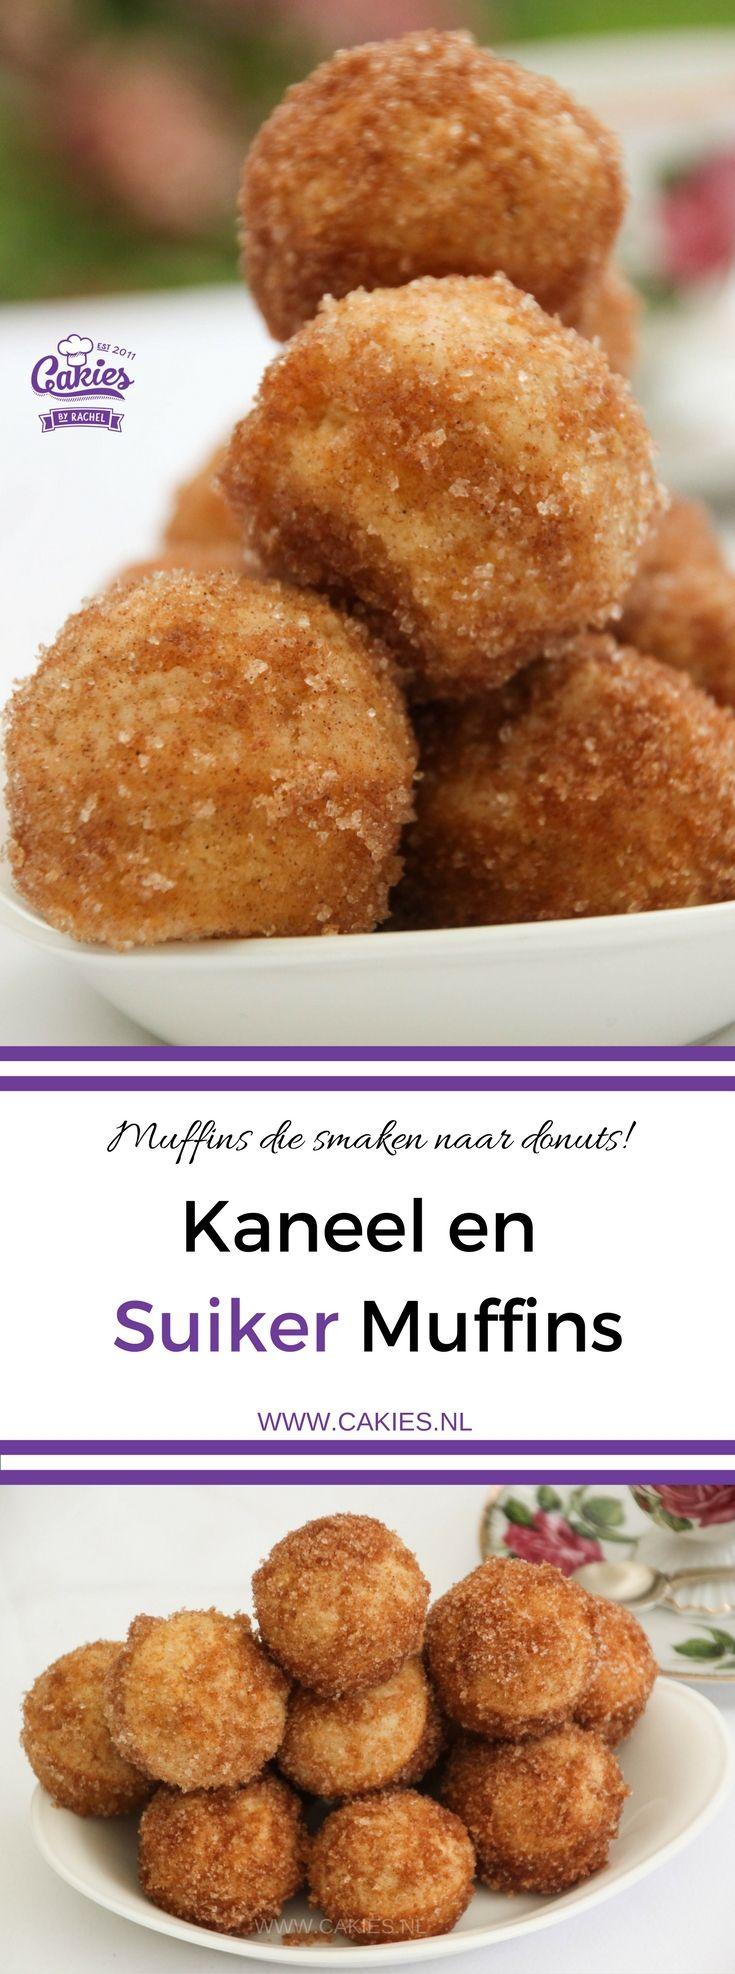 Deze Kaneel En Suiker Muffins smaken echt naar donuts! Een makkelijk recept, ik maak ze graag als mini kaneel en suiker muffins, als snack. (Top Cupcake Recept)